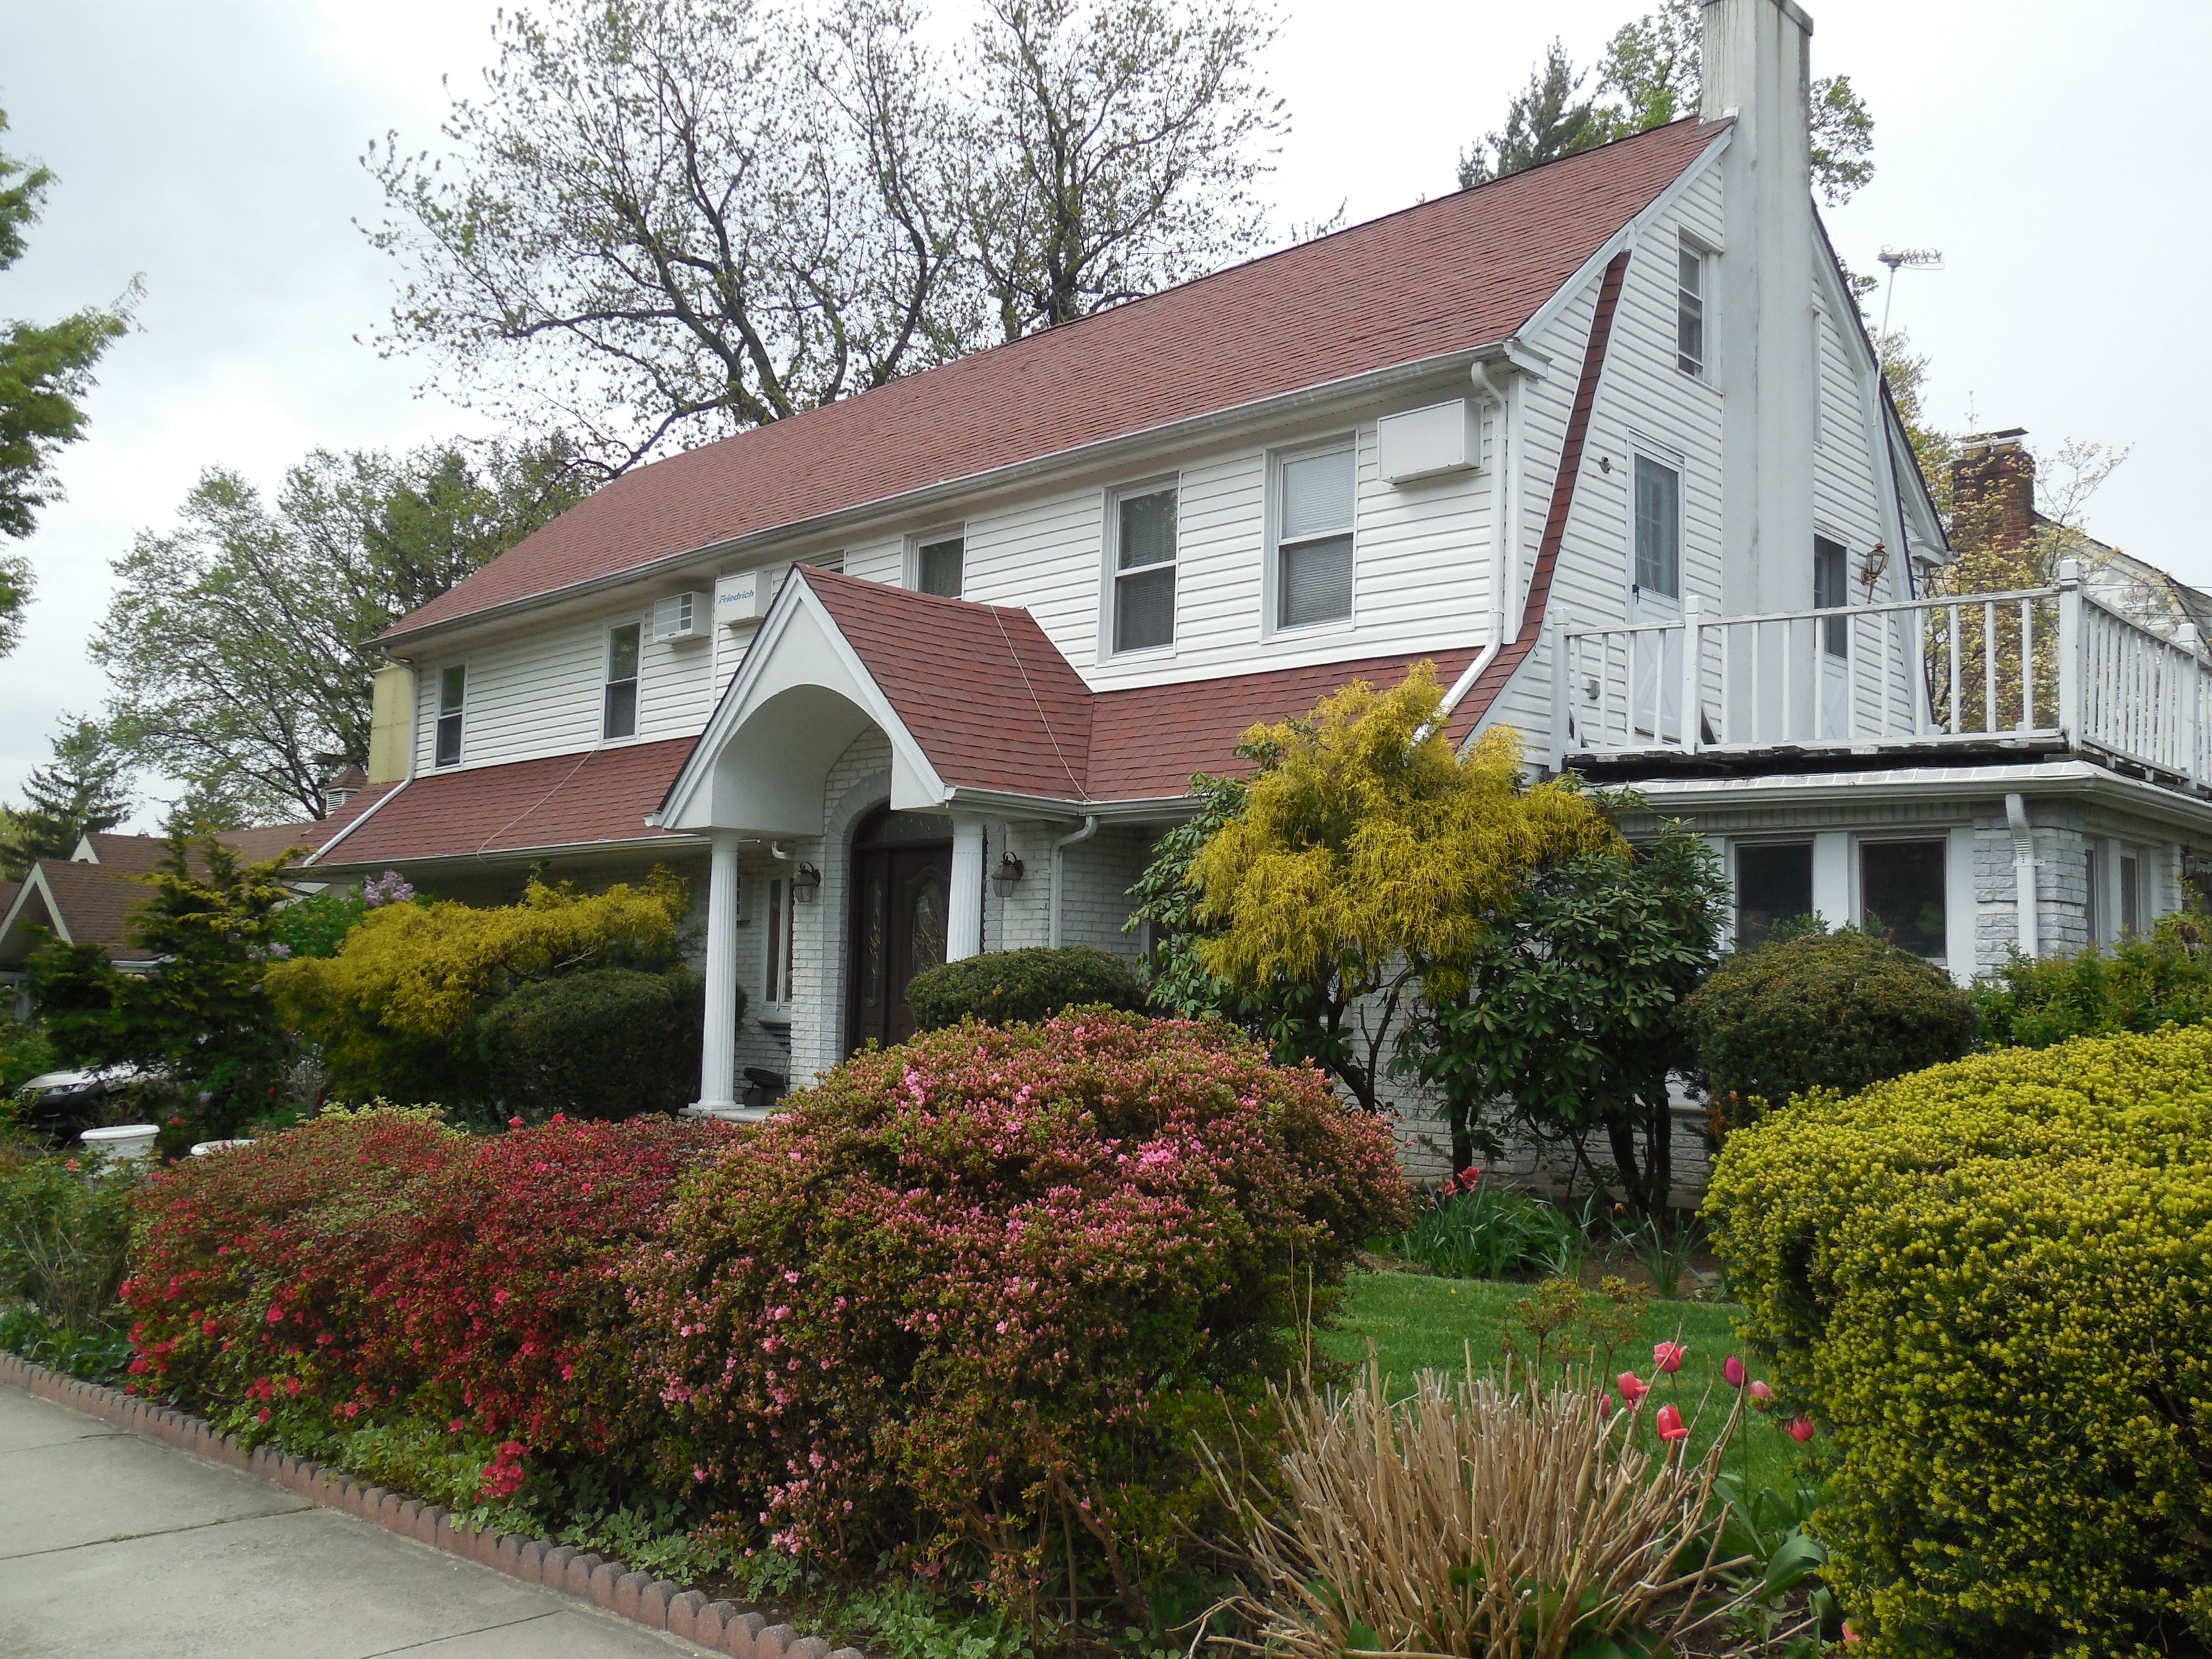 gardenawardwinner201933-88 166 St.